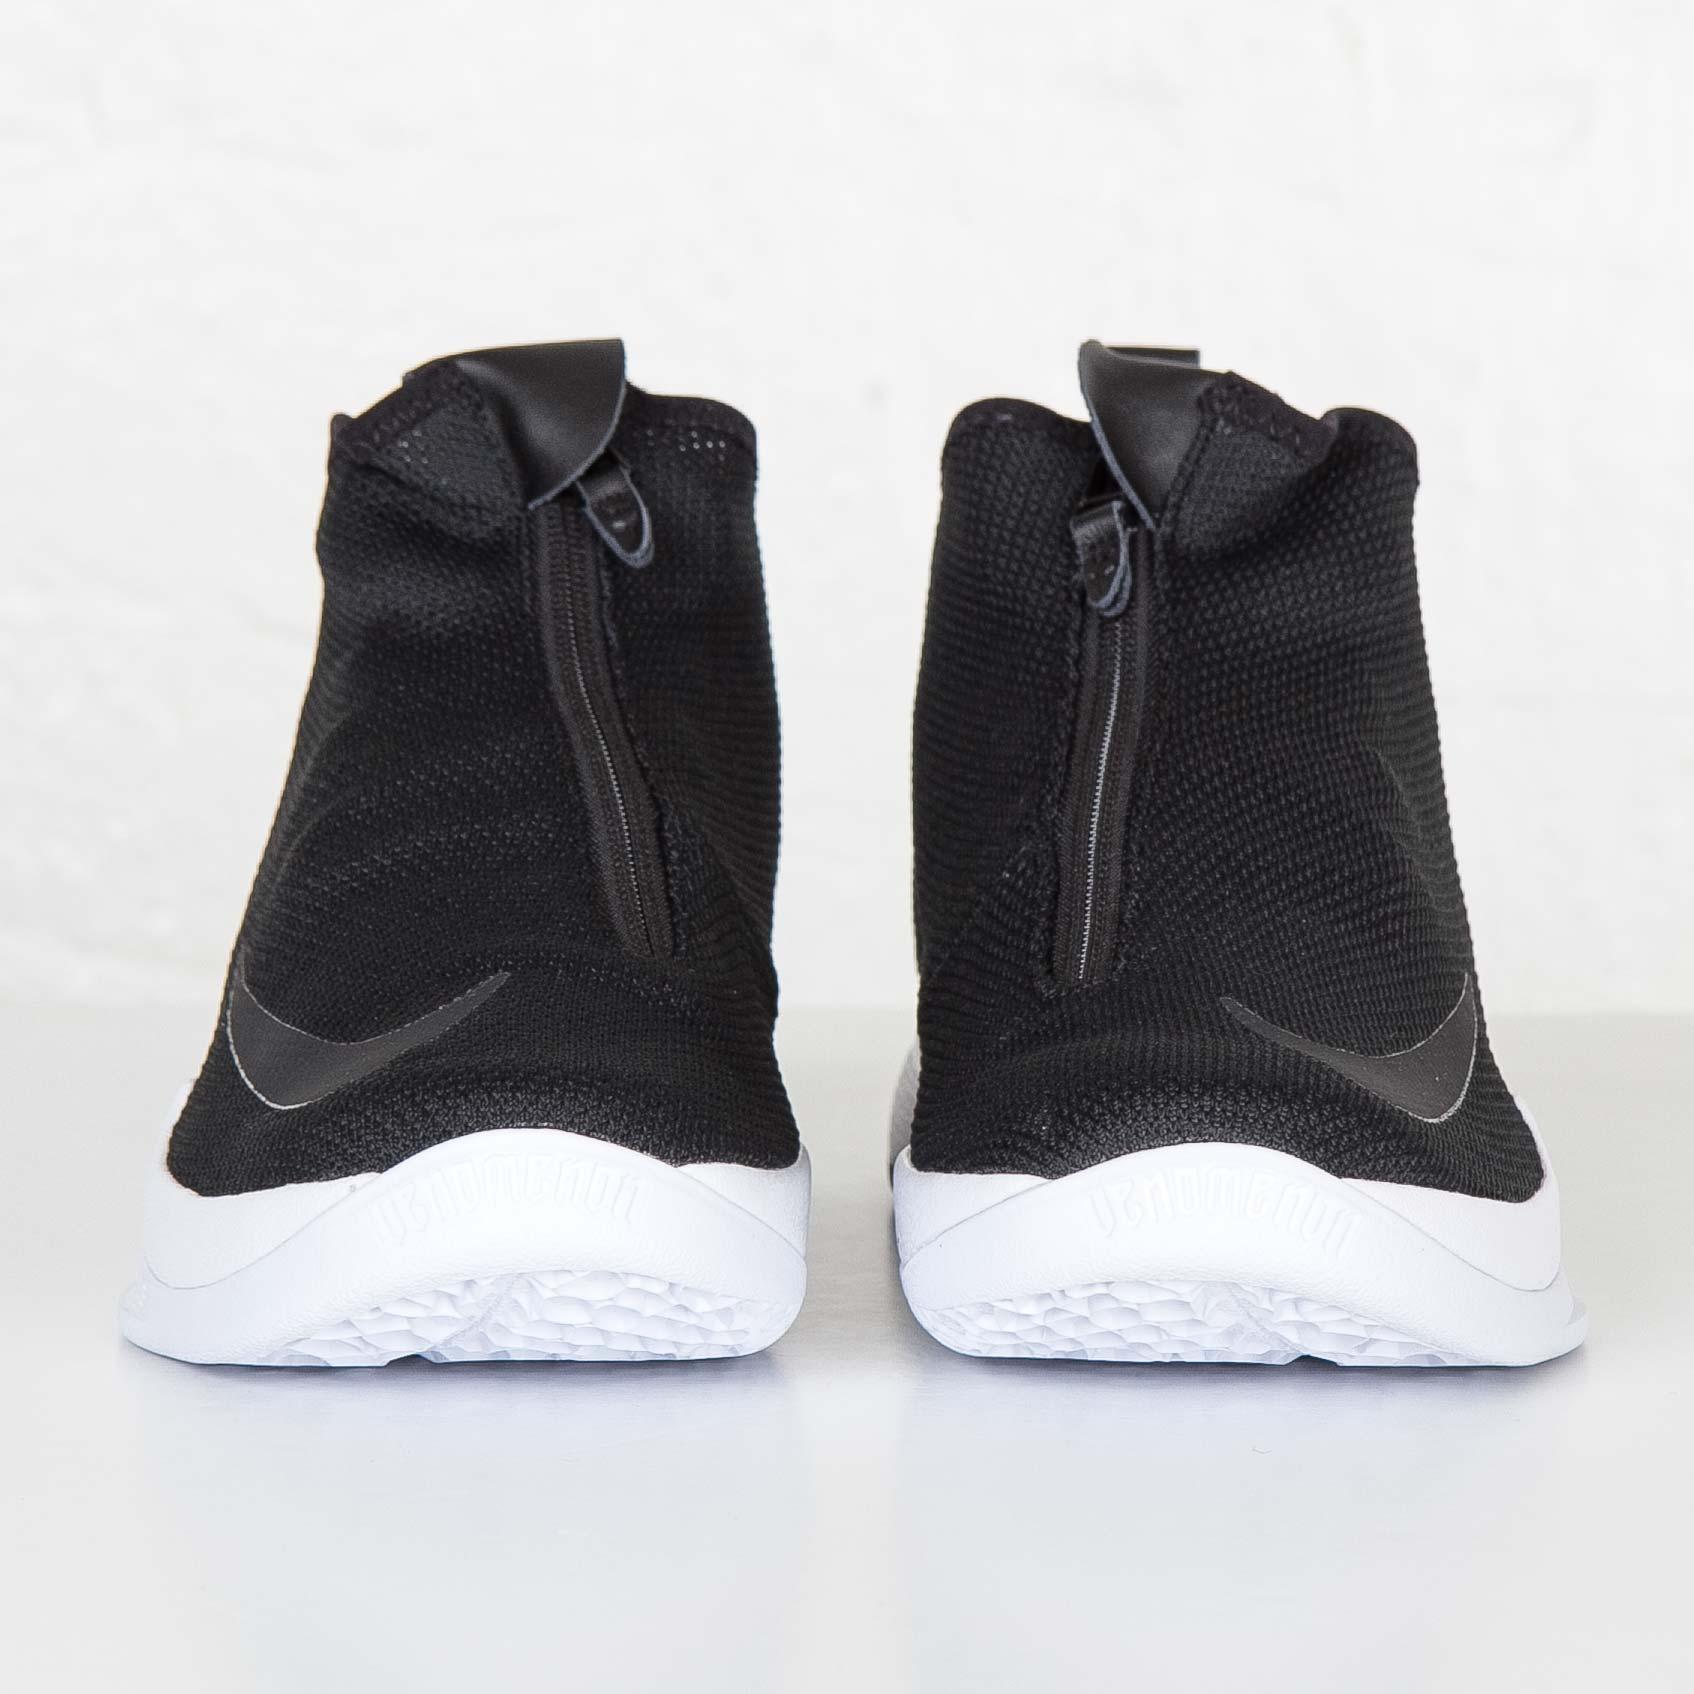 sports shoes 00cc5 2b817 ... white me mens shoes black 2cb51 931fc  wholesale nike zoom kobe icon  nike zoom kobe icon f46e8 edda2